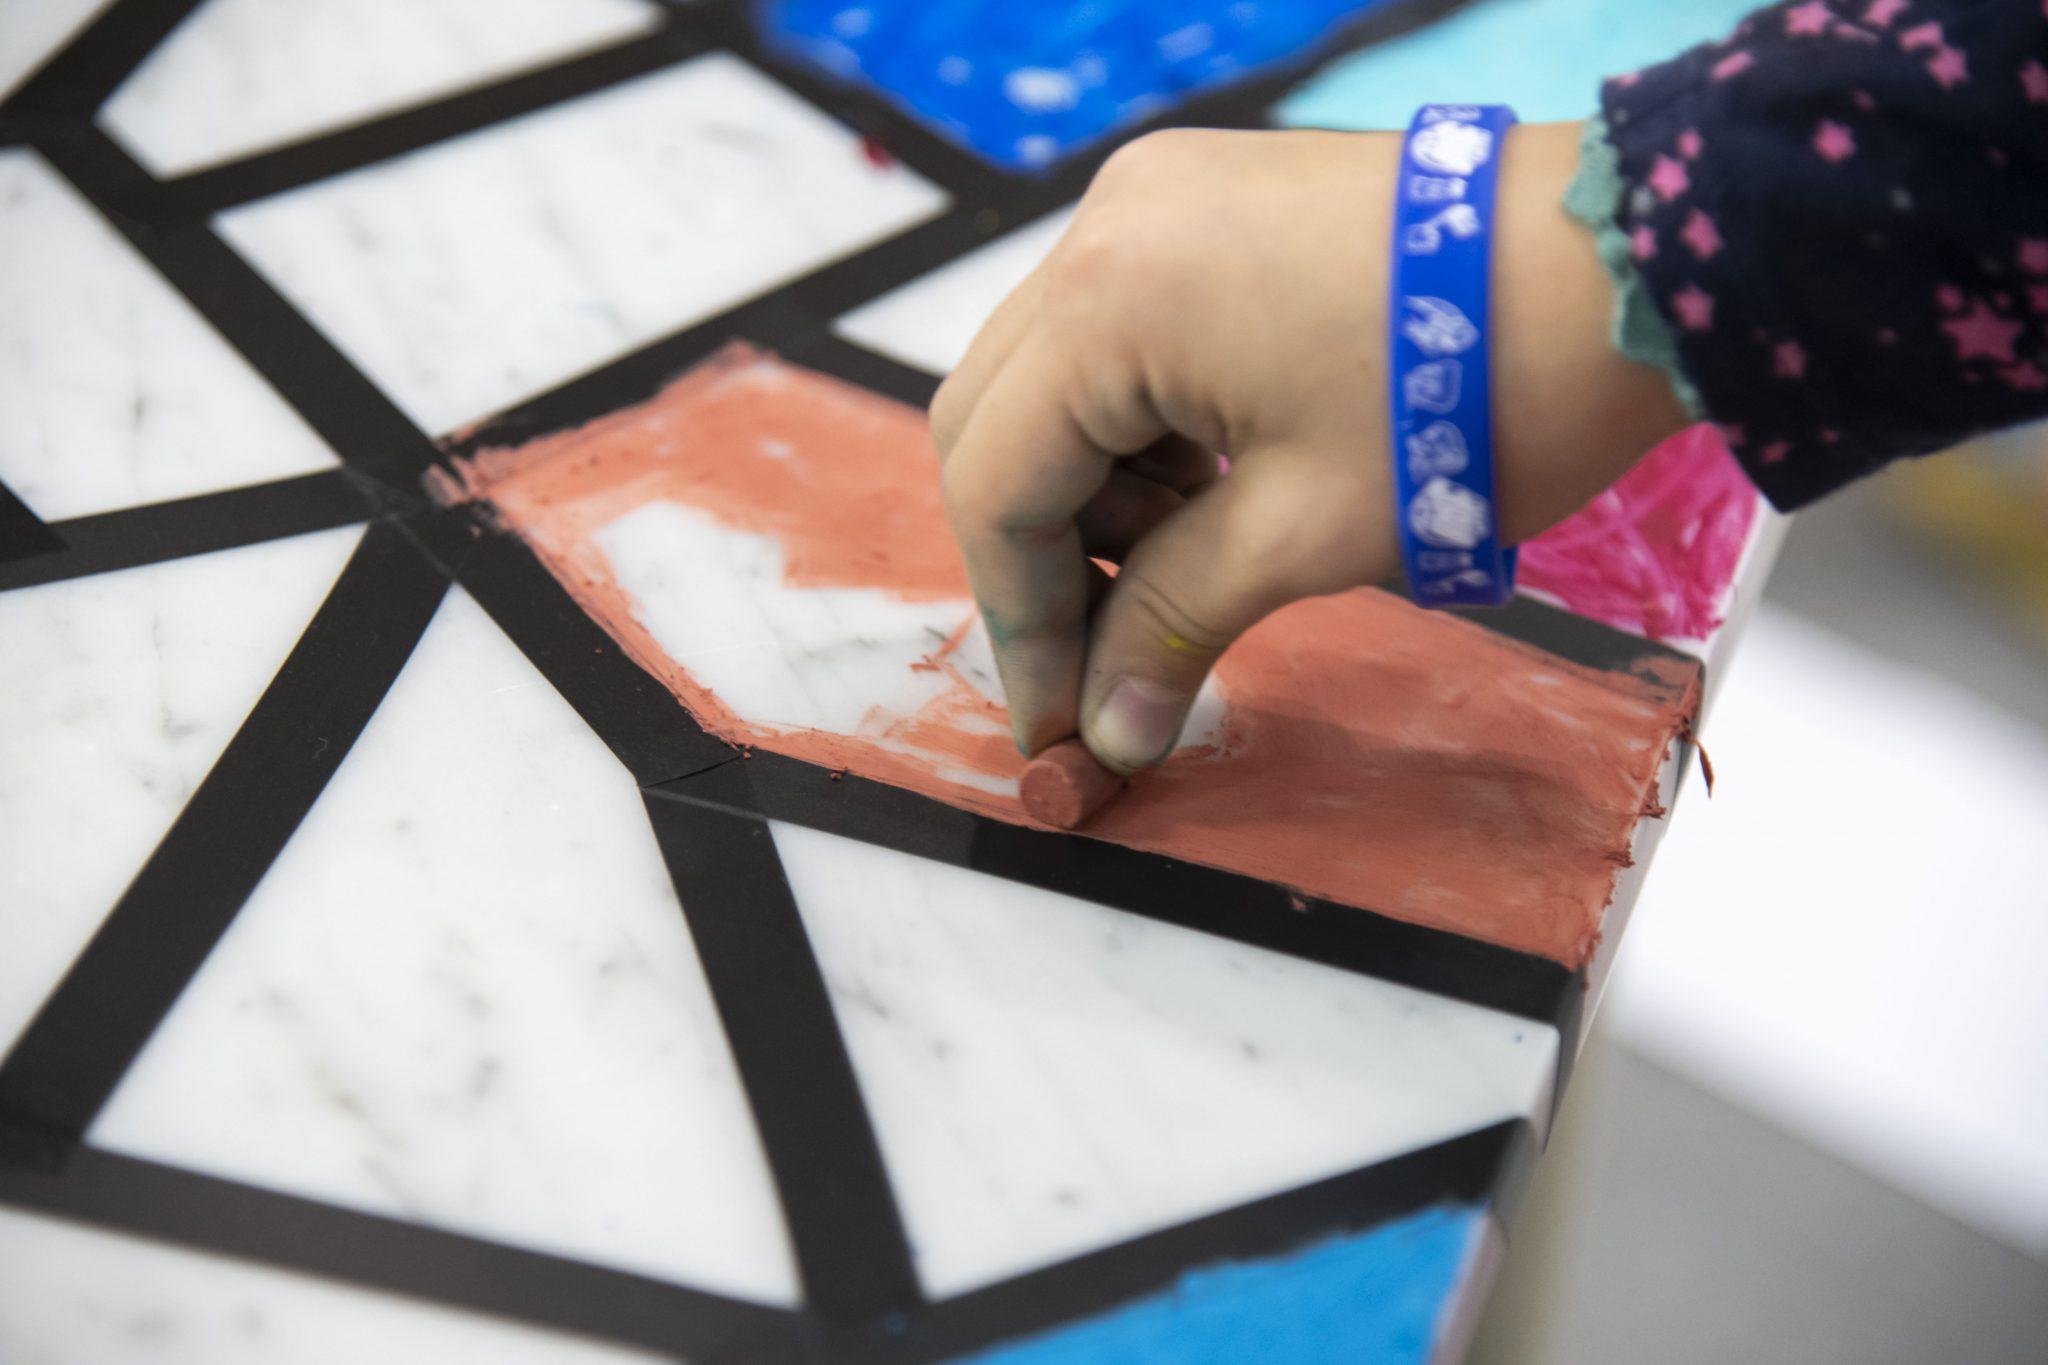 Artissima Junior, Artissima 2019